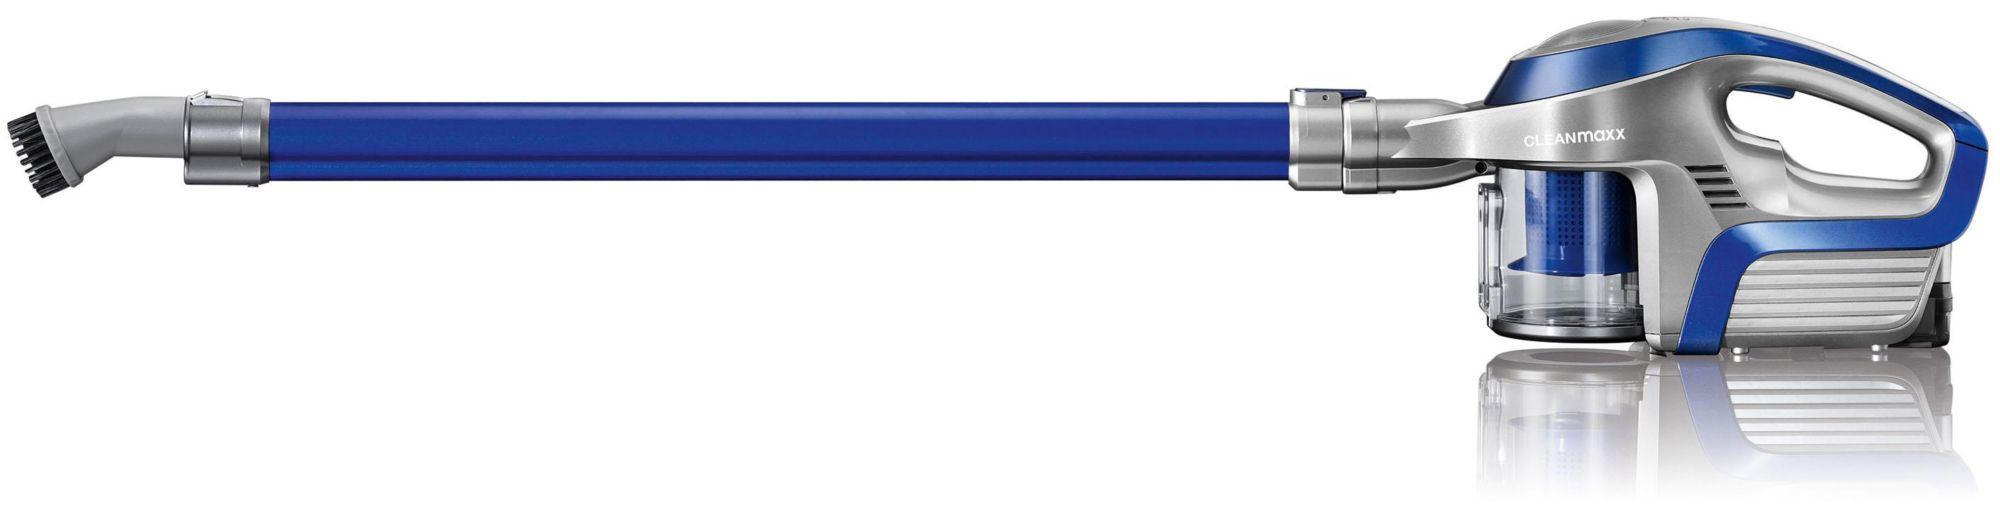 CLEAN MAXX Clean Maxx Akku-Zyklon-Staubsauger, 2in1 14,8V, blau/silber